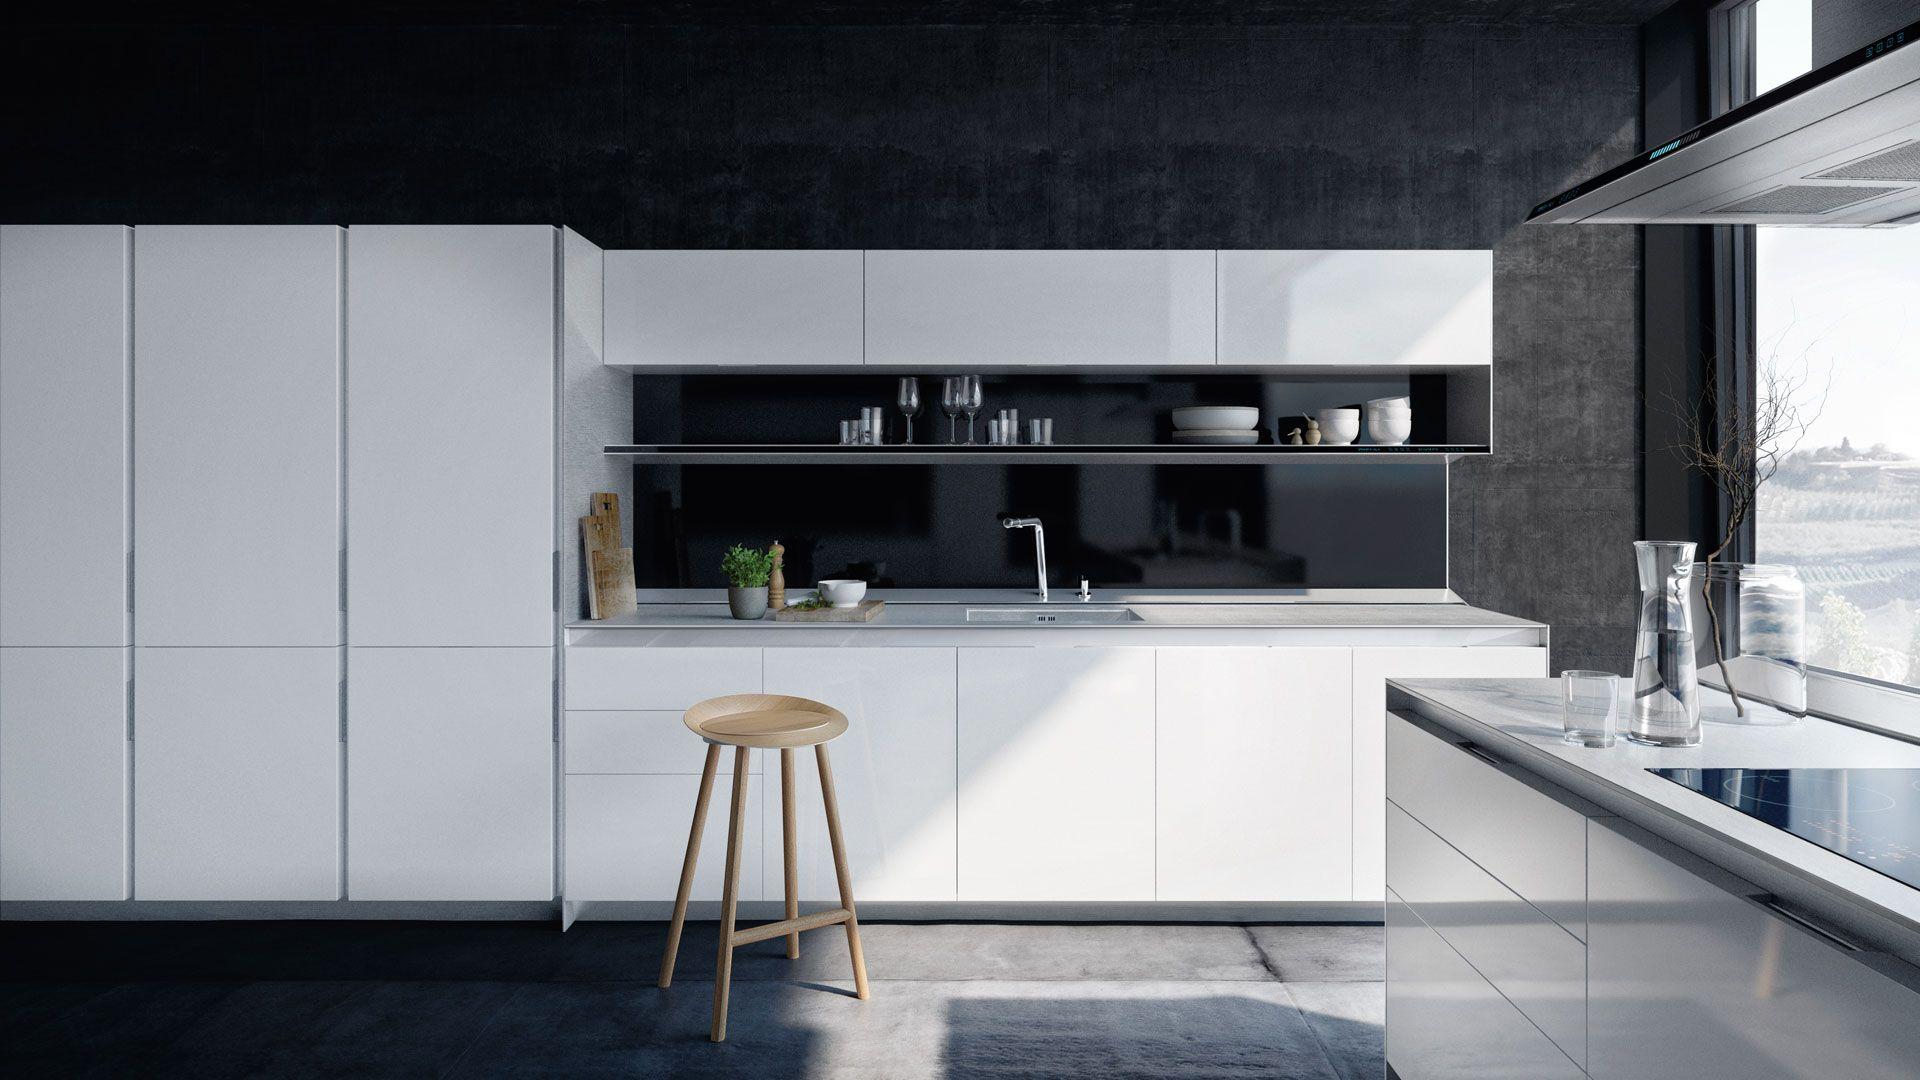 siematic k chen arbeitsplatten siematic k chen design pinterest k chen arbeitsplatten. Black Bedroom Furniture Sets. Home Design Ideas